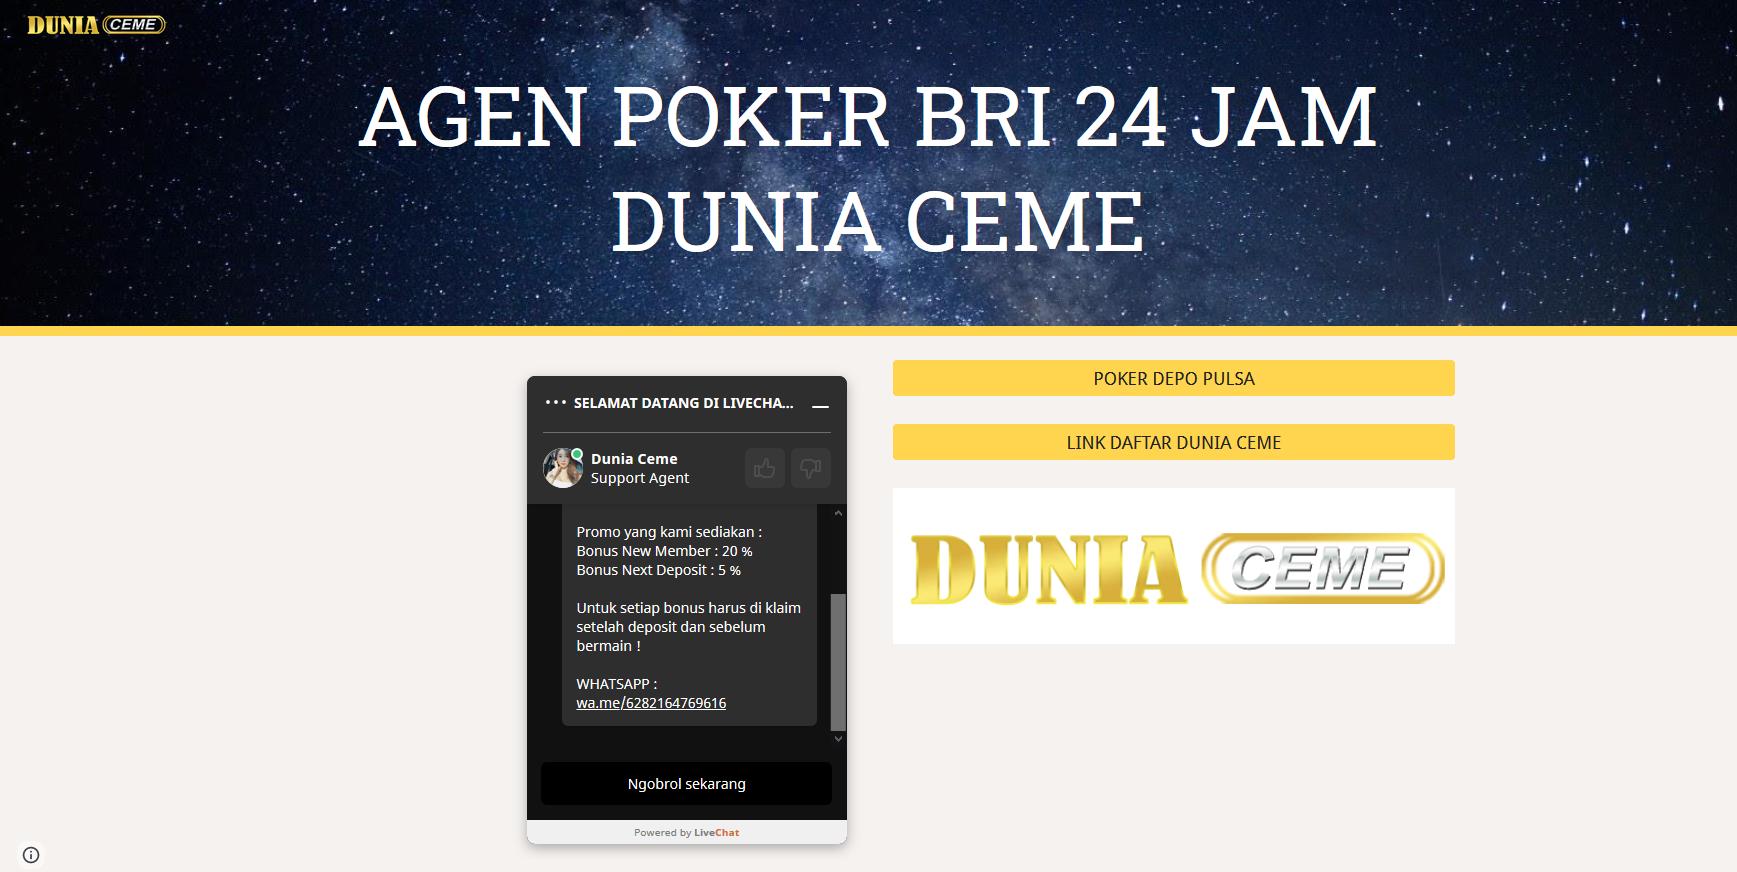 Agen Poker Bri 24 Jam Dunia Ceme Poker Agen Online